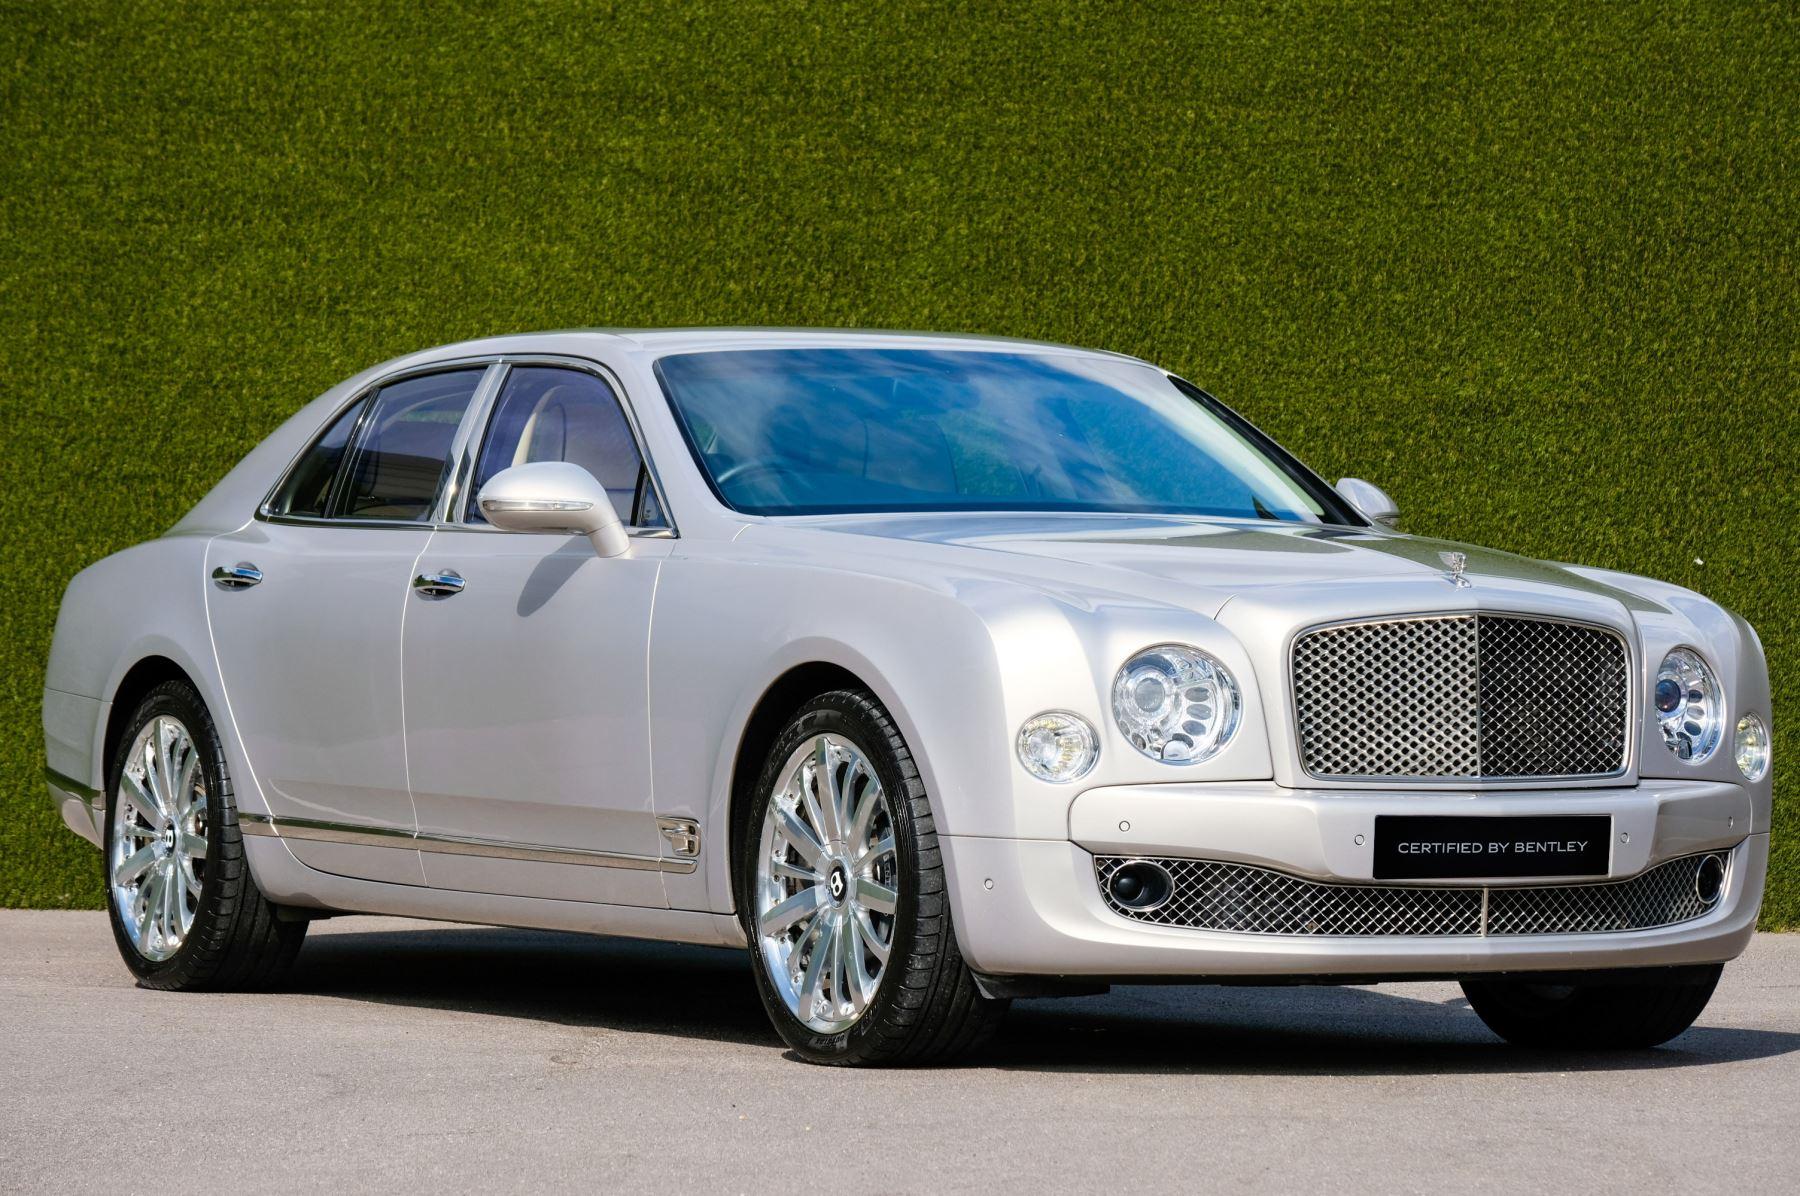 Bentley Mulsanne 6.8 V8 Mulliner Driving Spec - Naim For Bentley Premium Audio Automatic 4 door Saloon